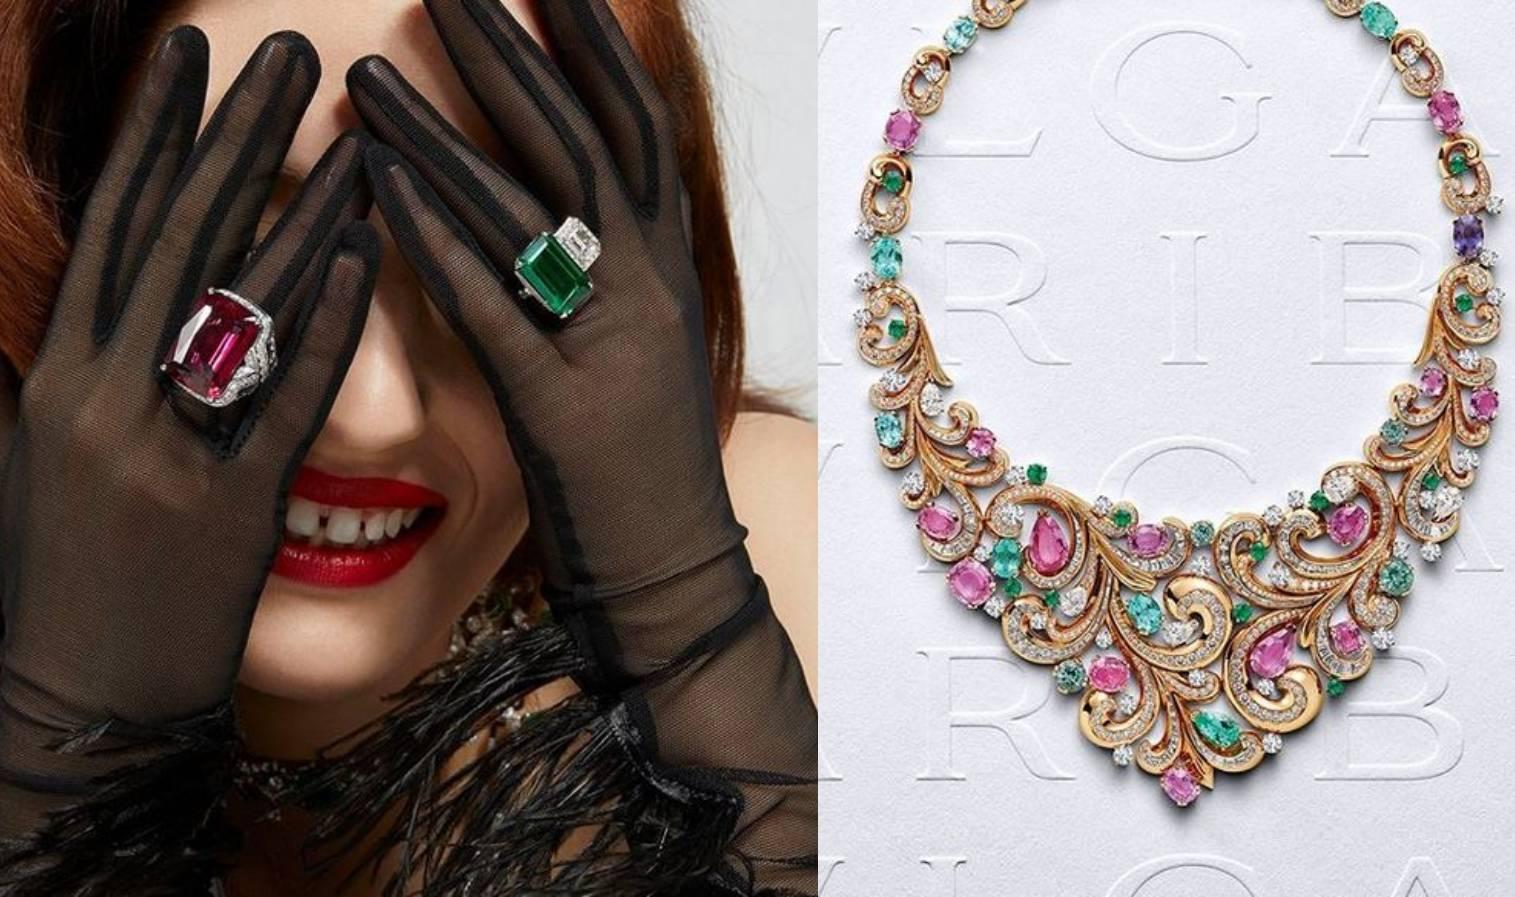 Nakit kao iz baroka: Bulgari donosi raskoš detalja i dizajna